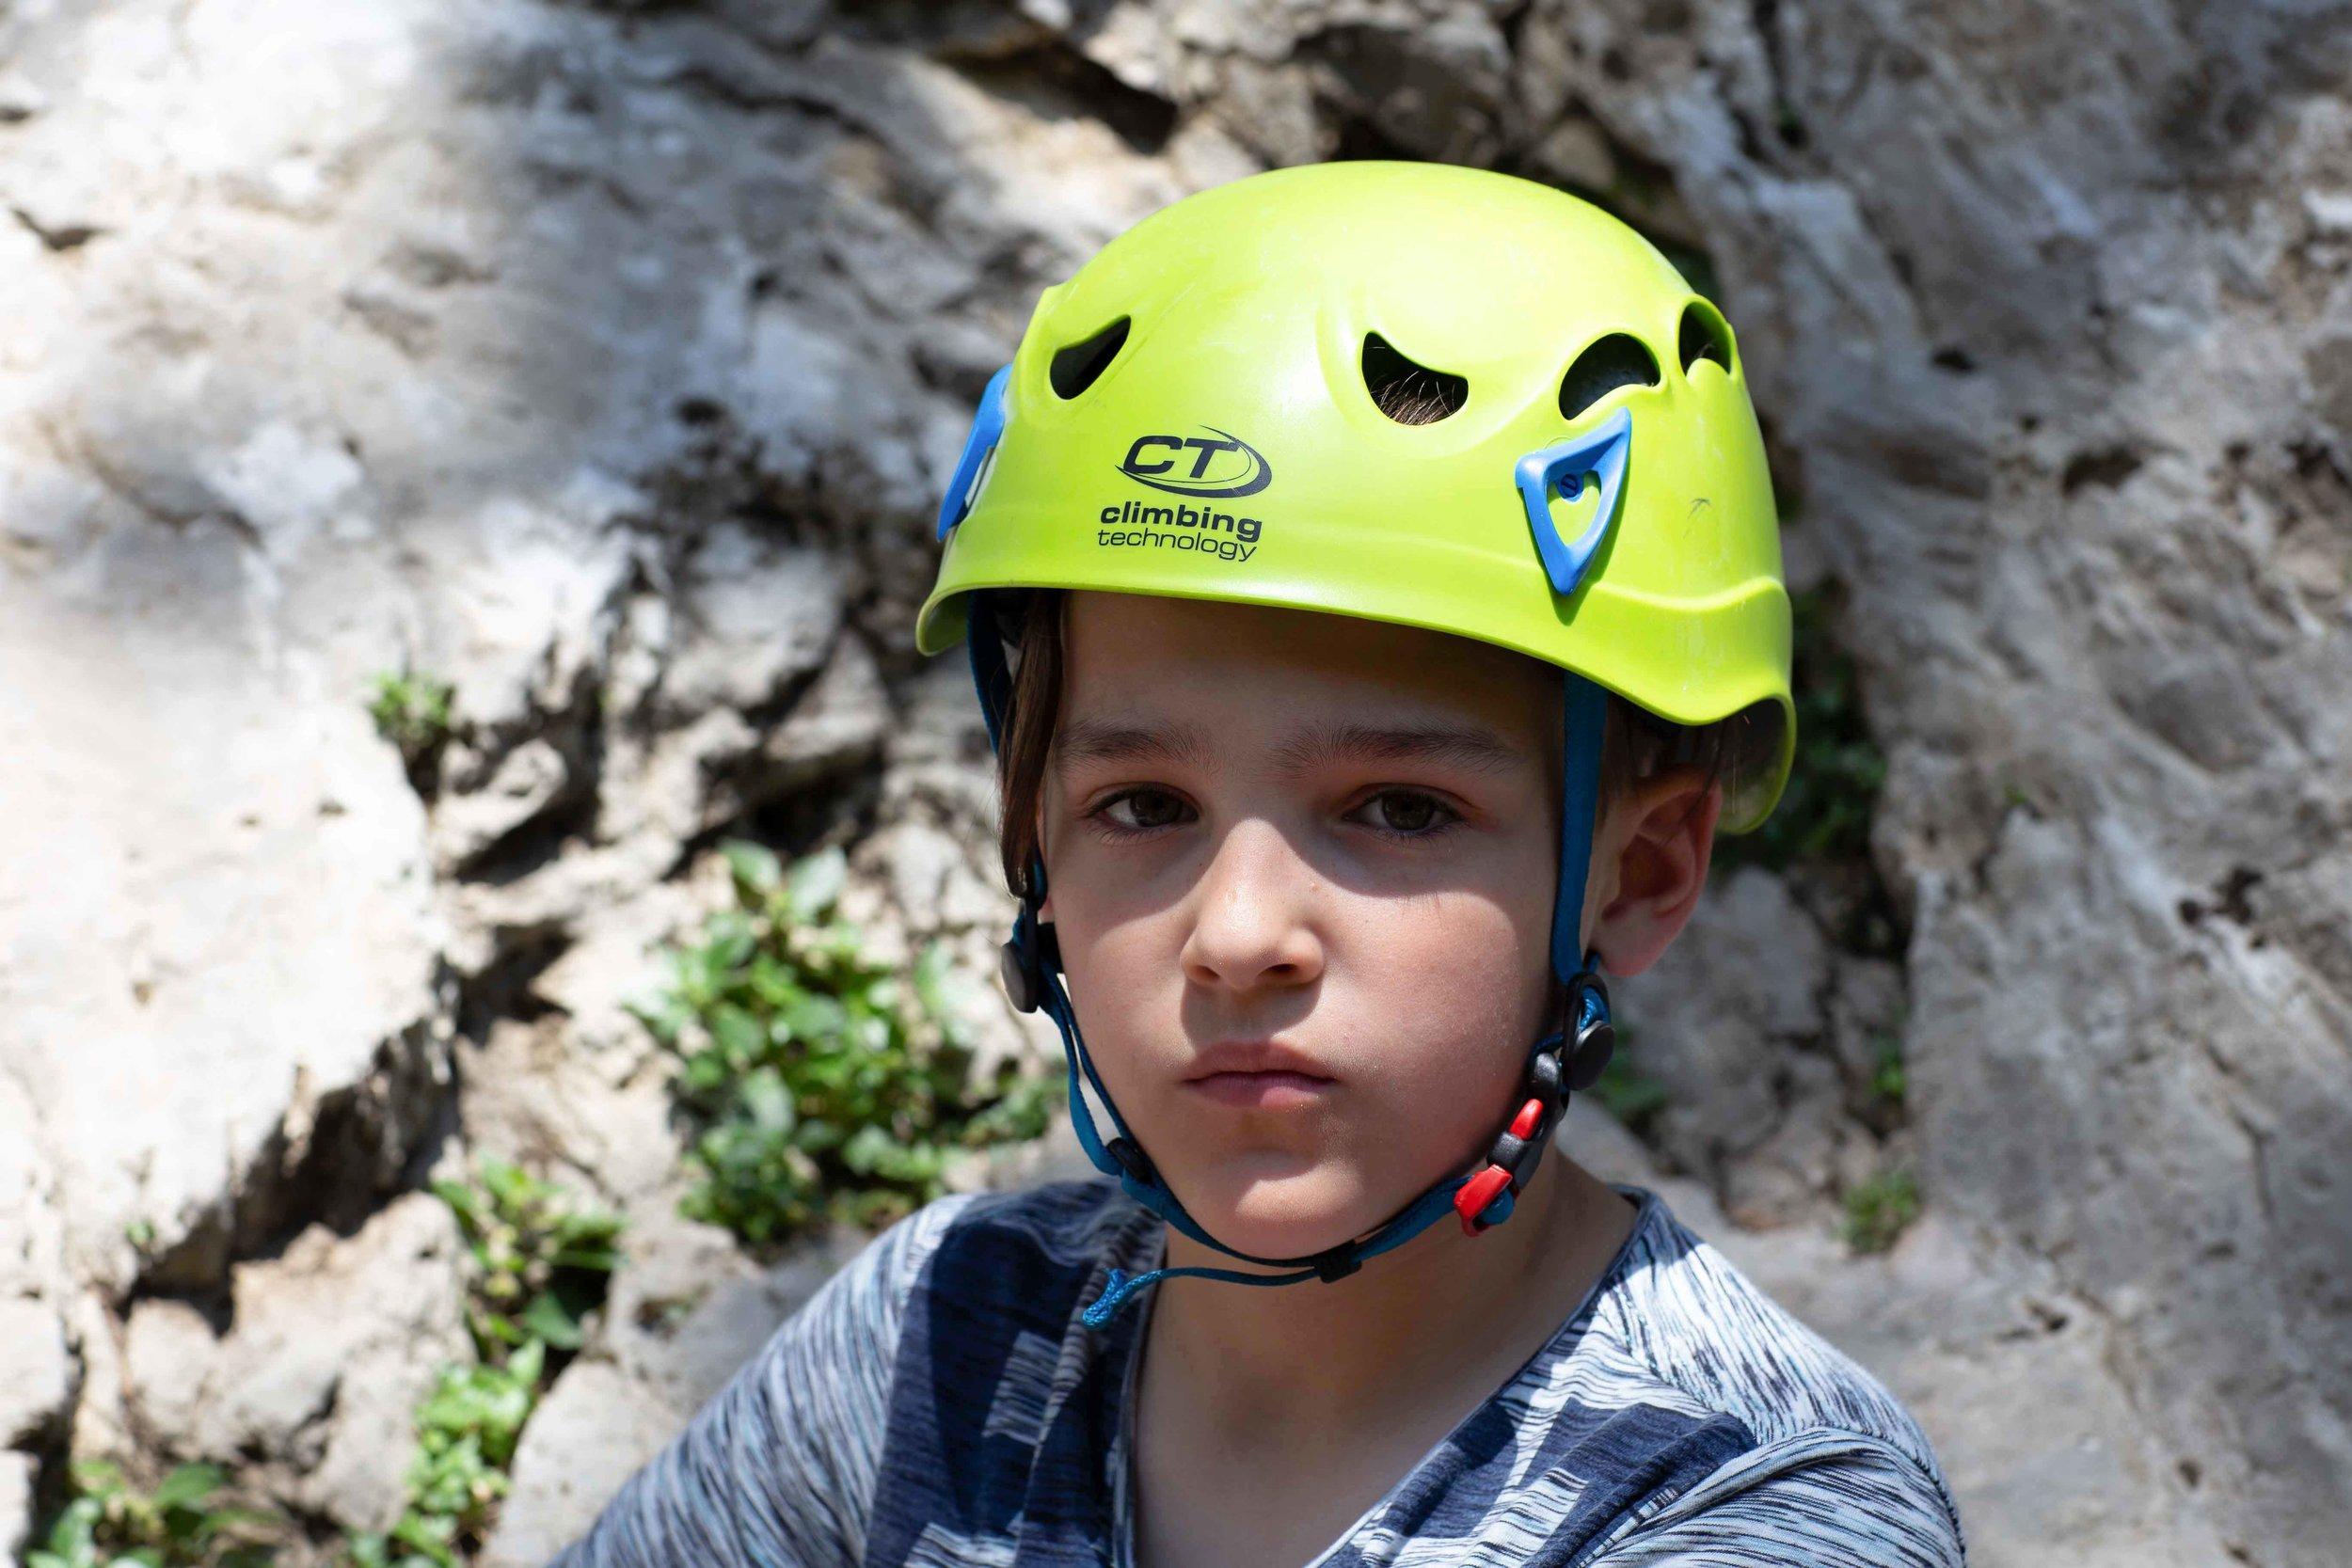 Zaključni plezalni izlet za otroke Grif_15.jpg